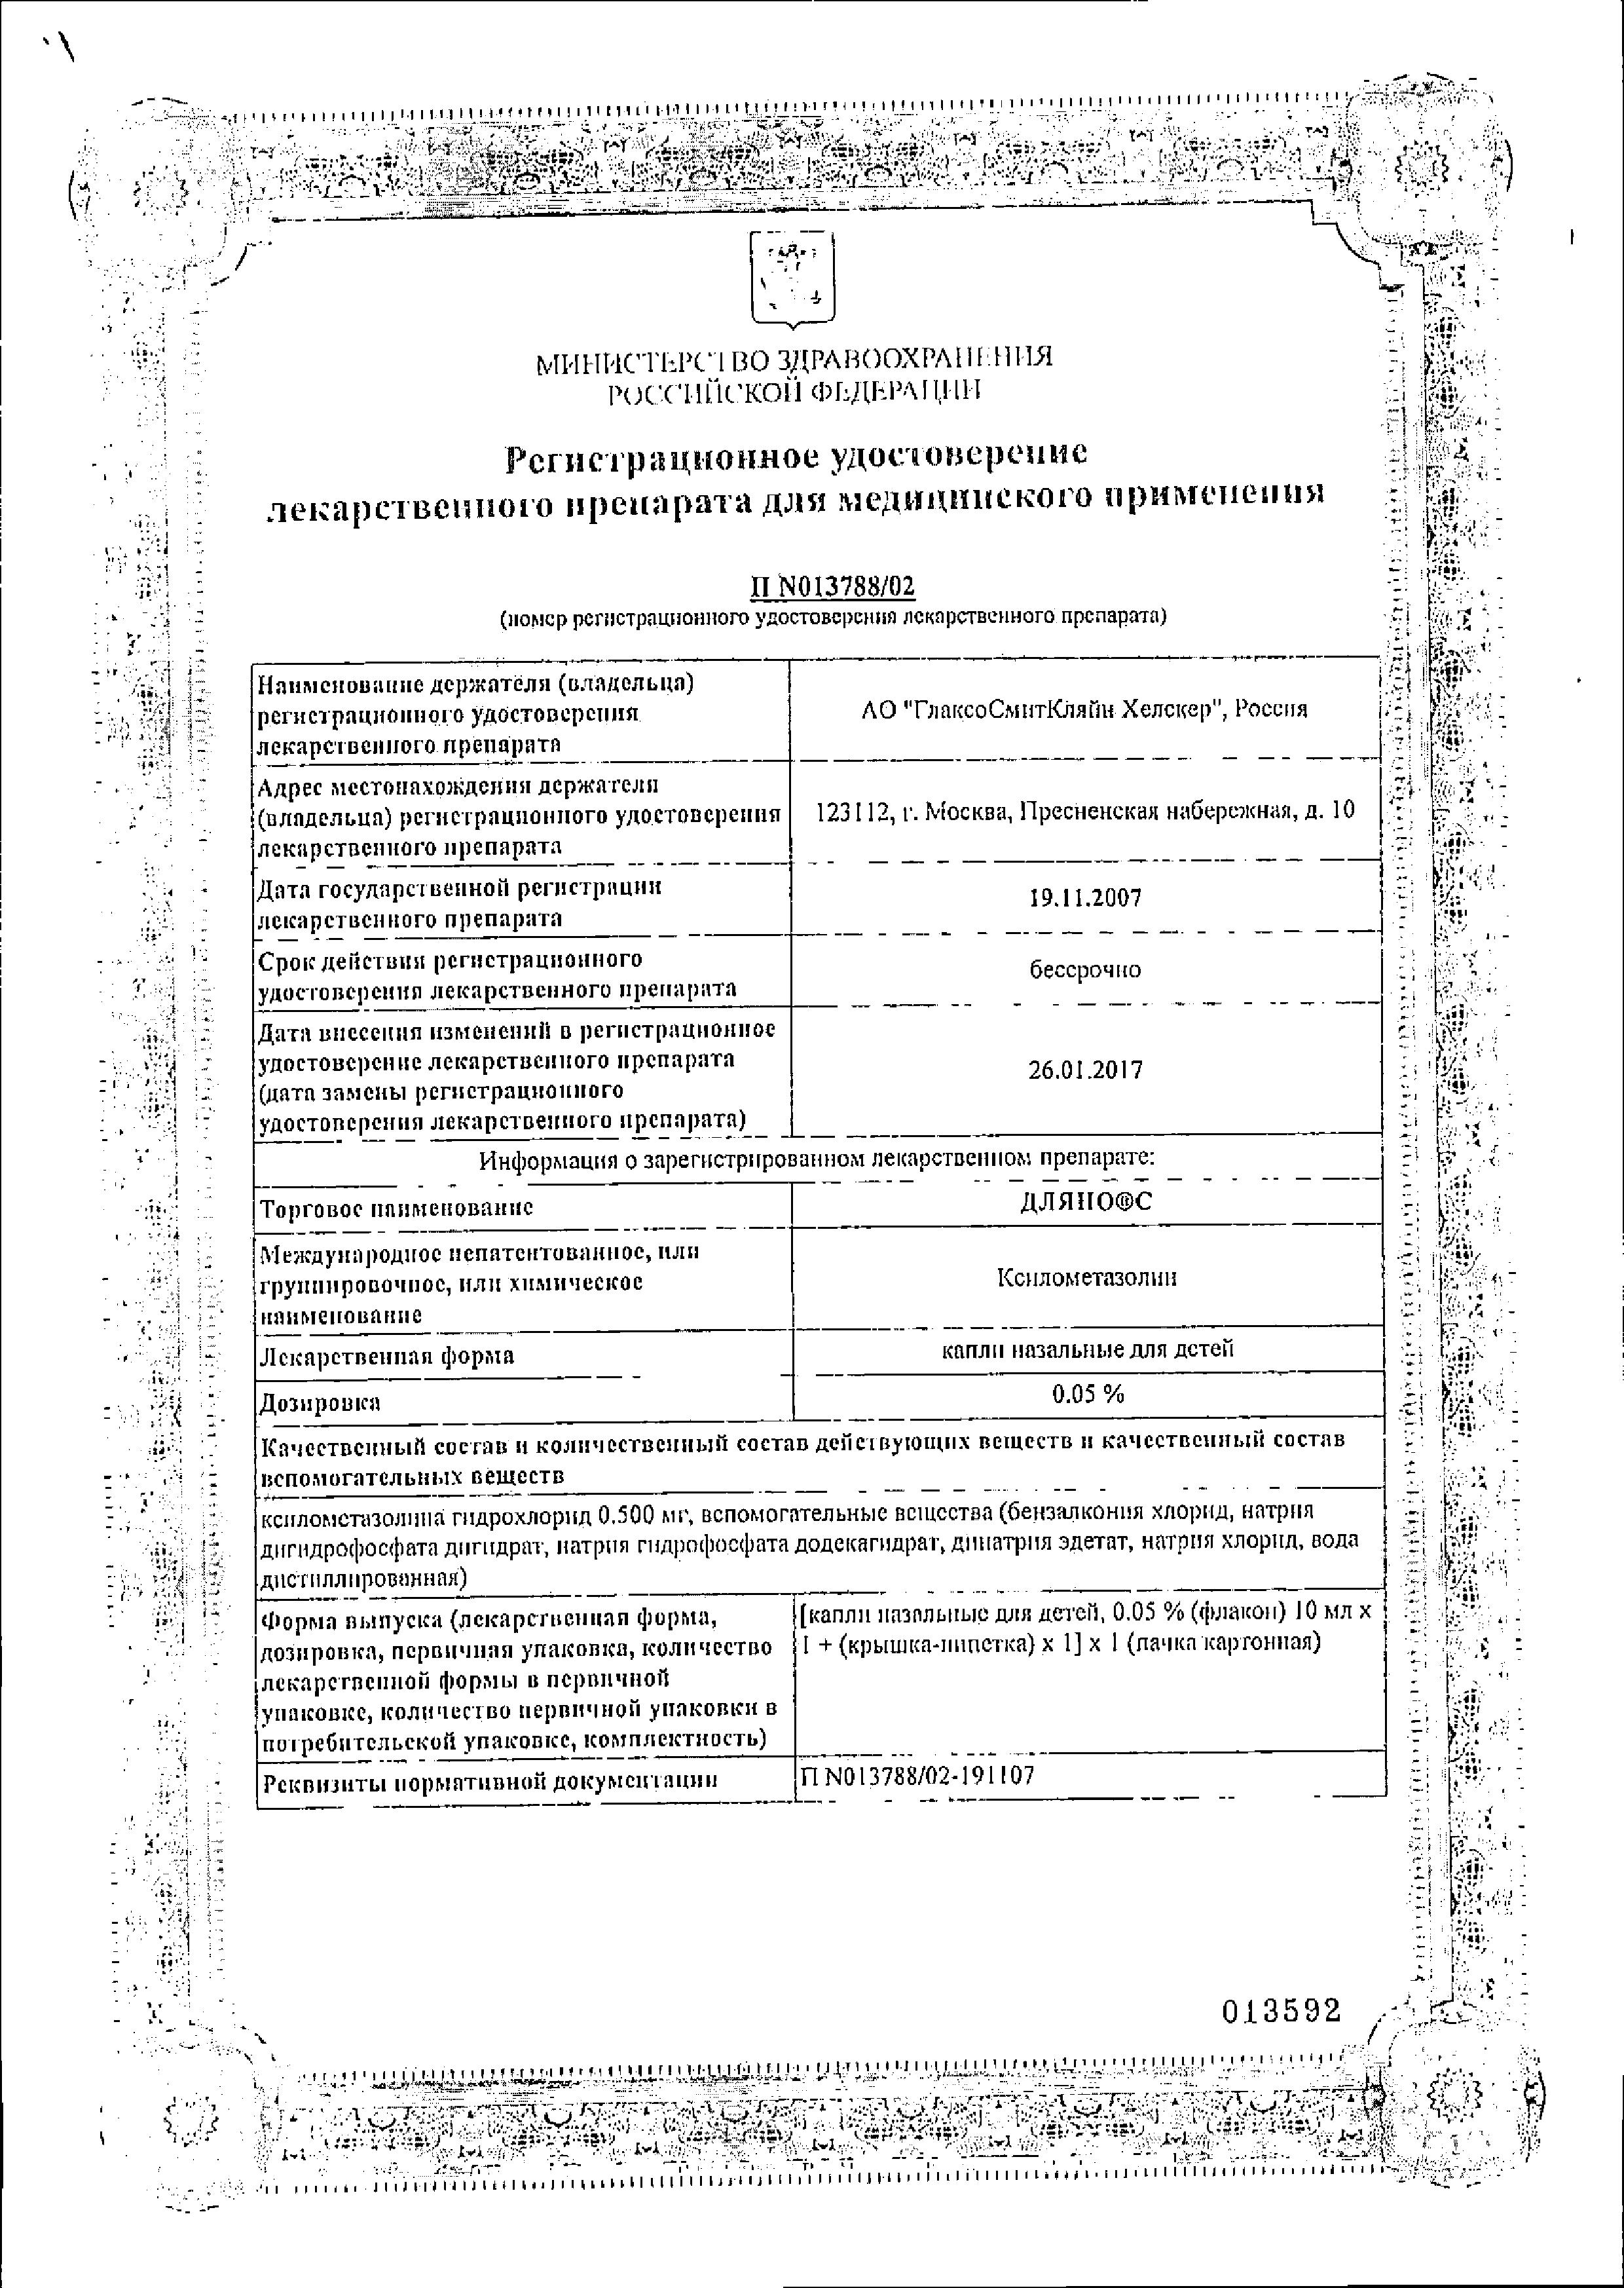 Длянос сертификат